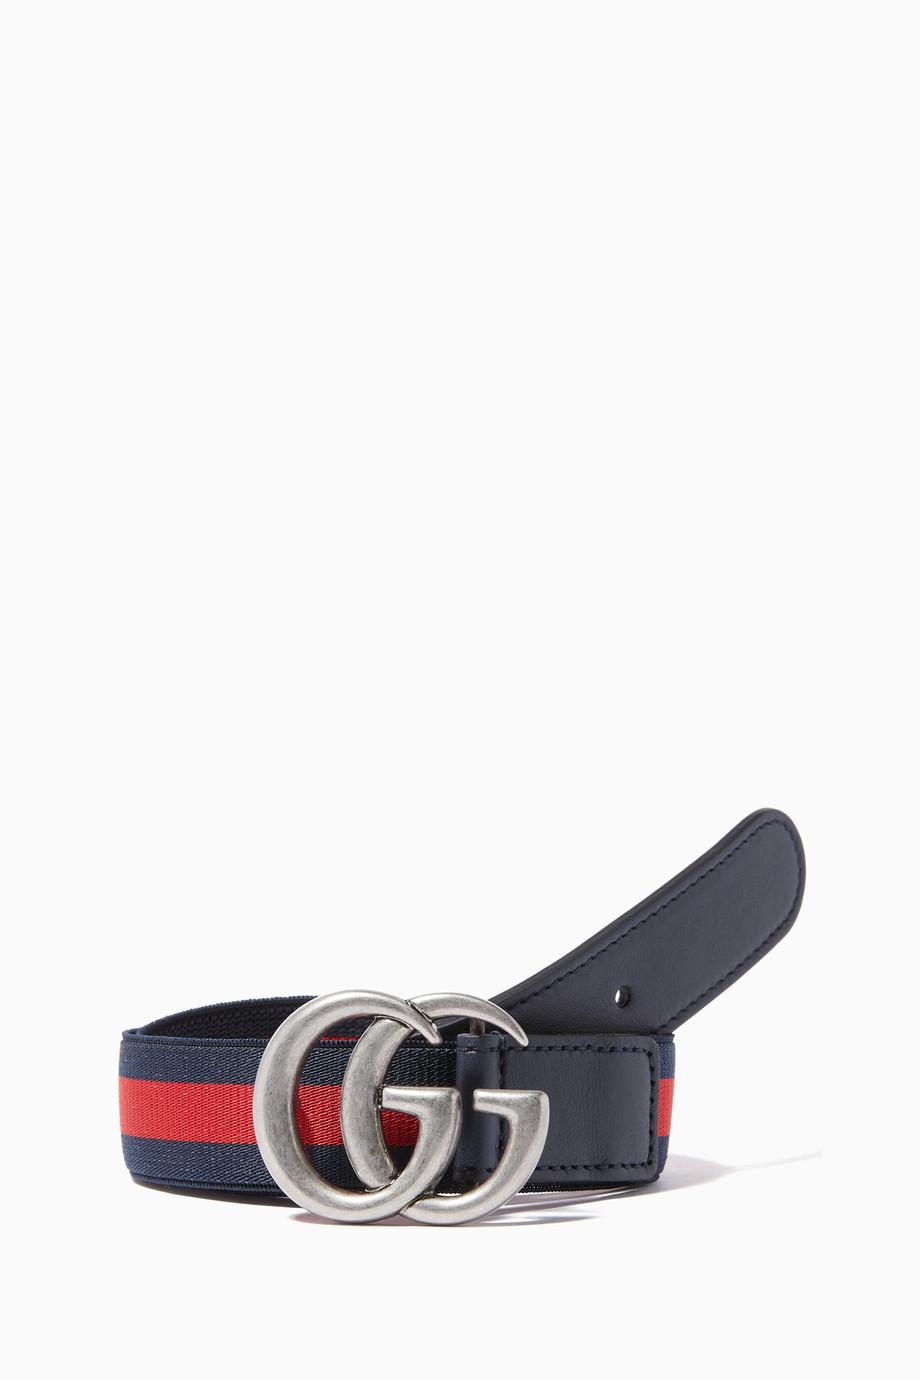 1a0b9cd86 Shop Gucci Blue Striped 'GG' Logo Belt for Kids | Ounass